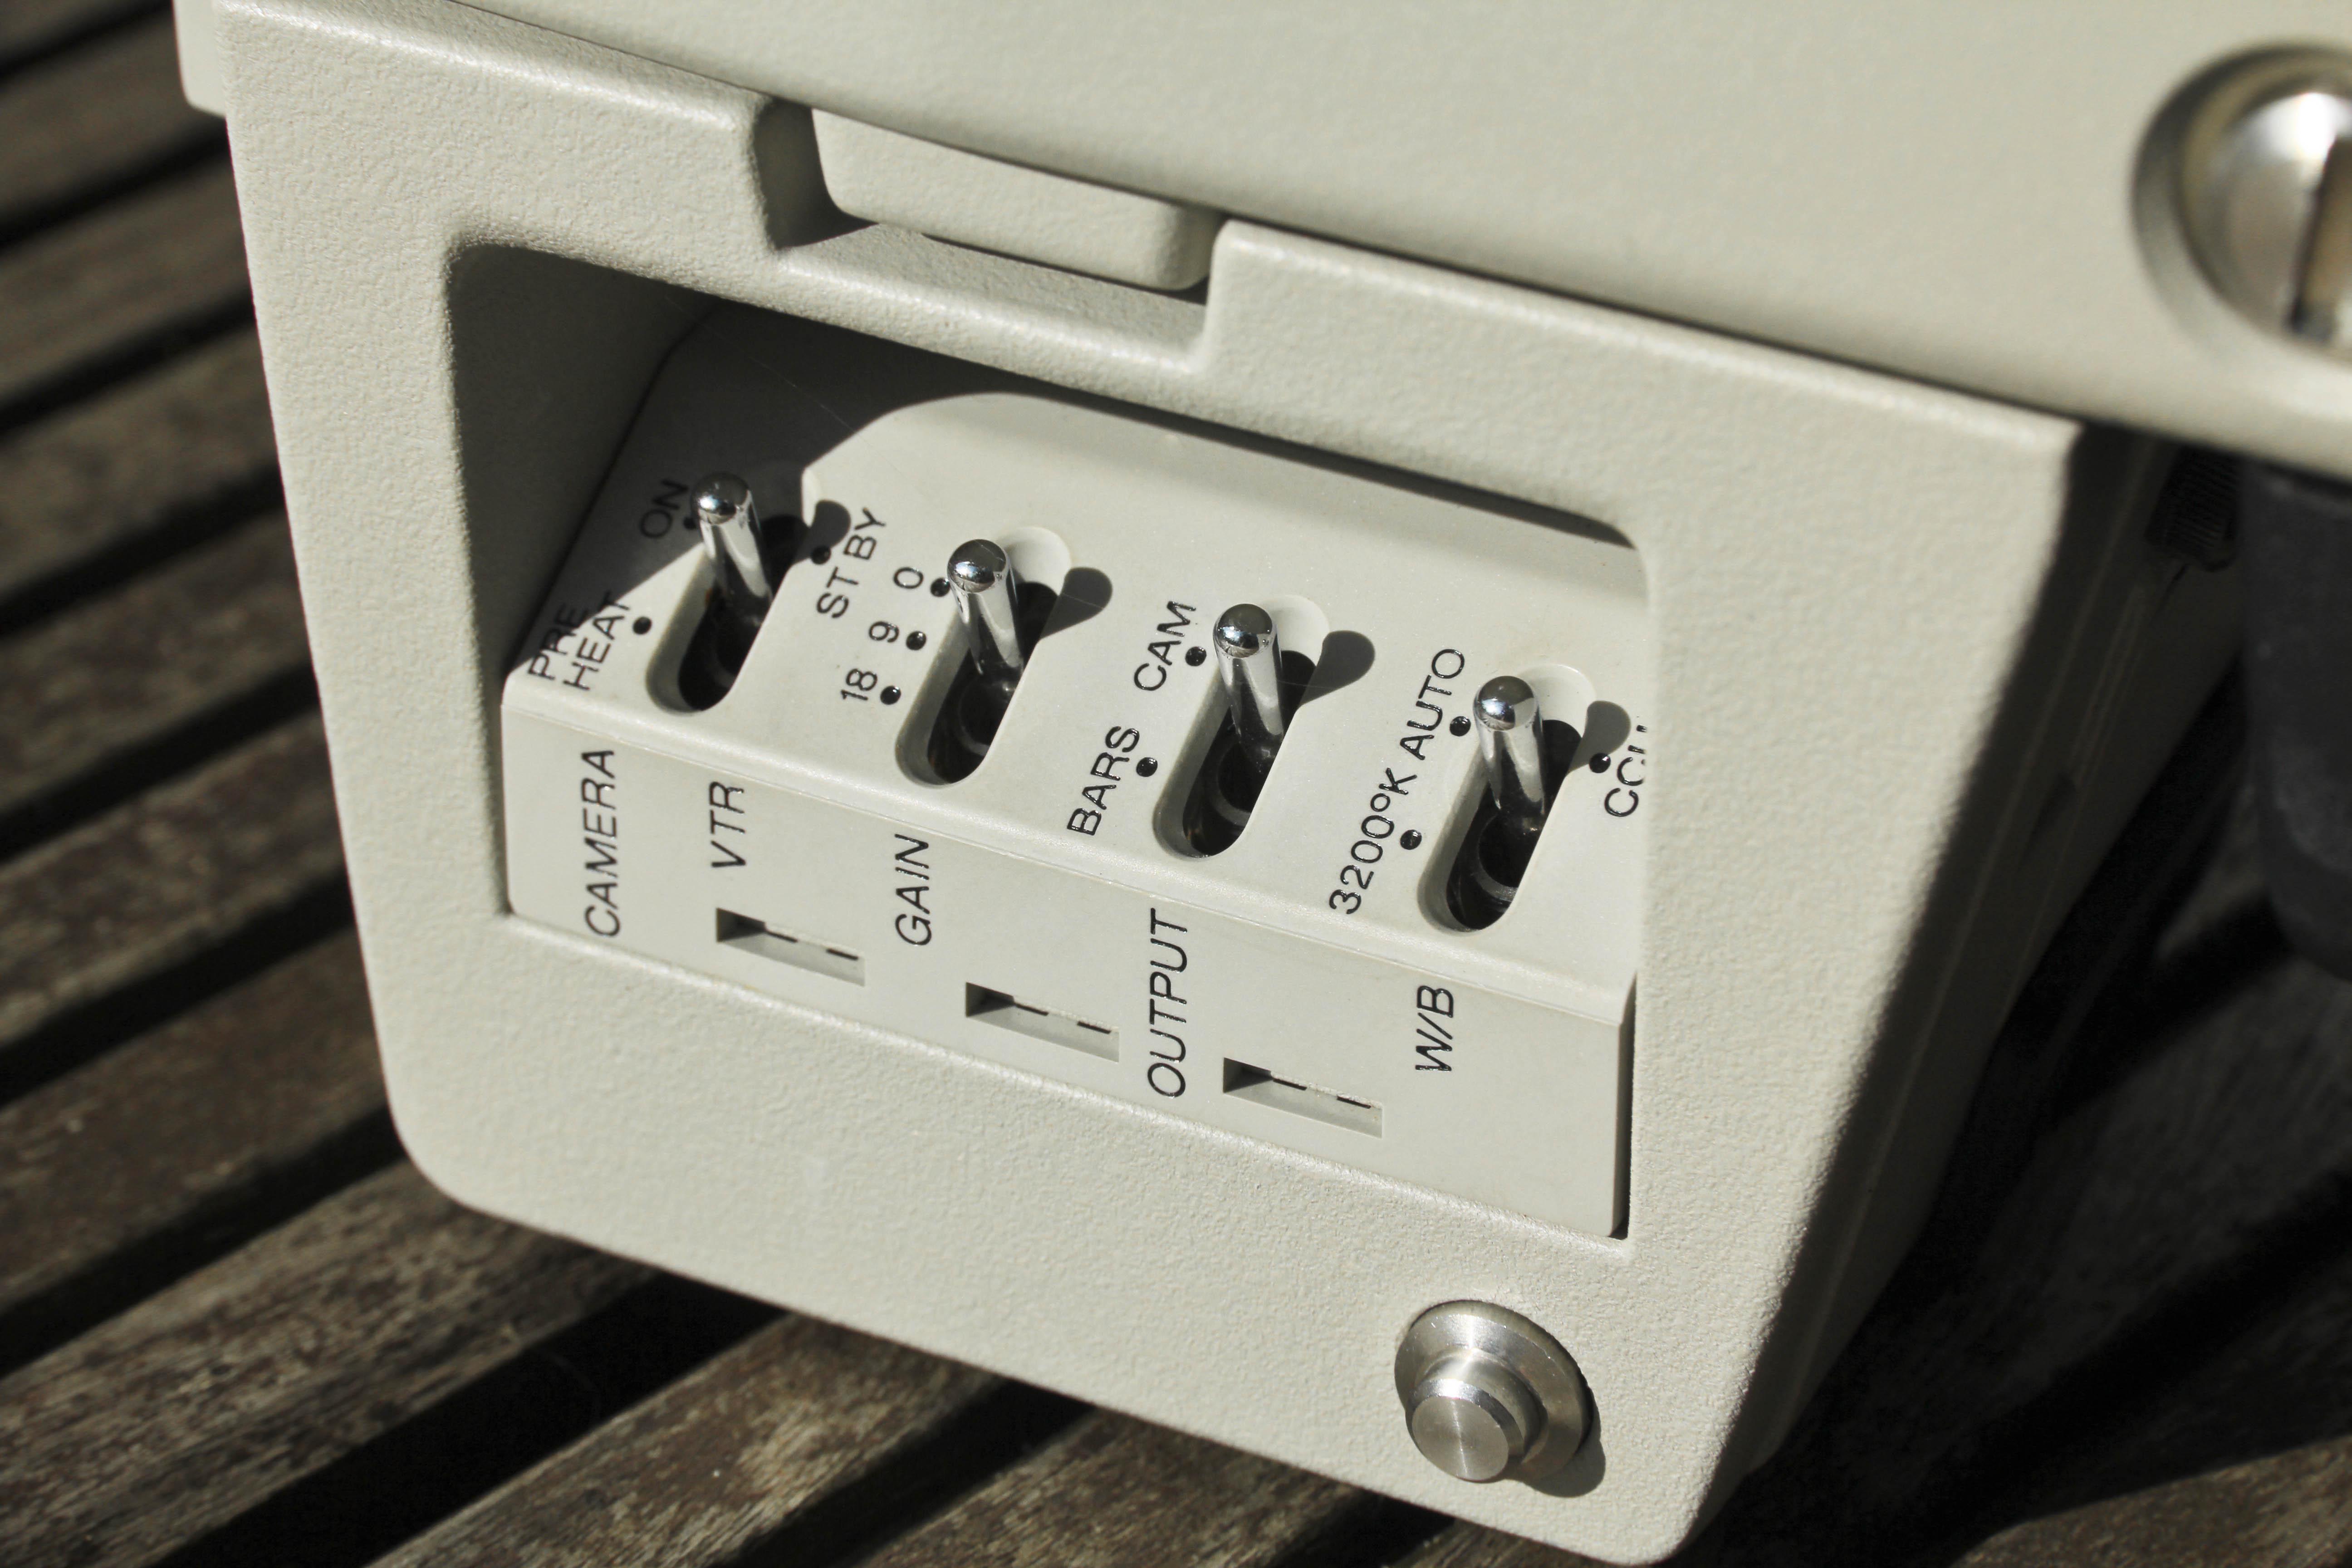 Sony DXC-6000P-4